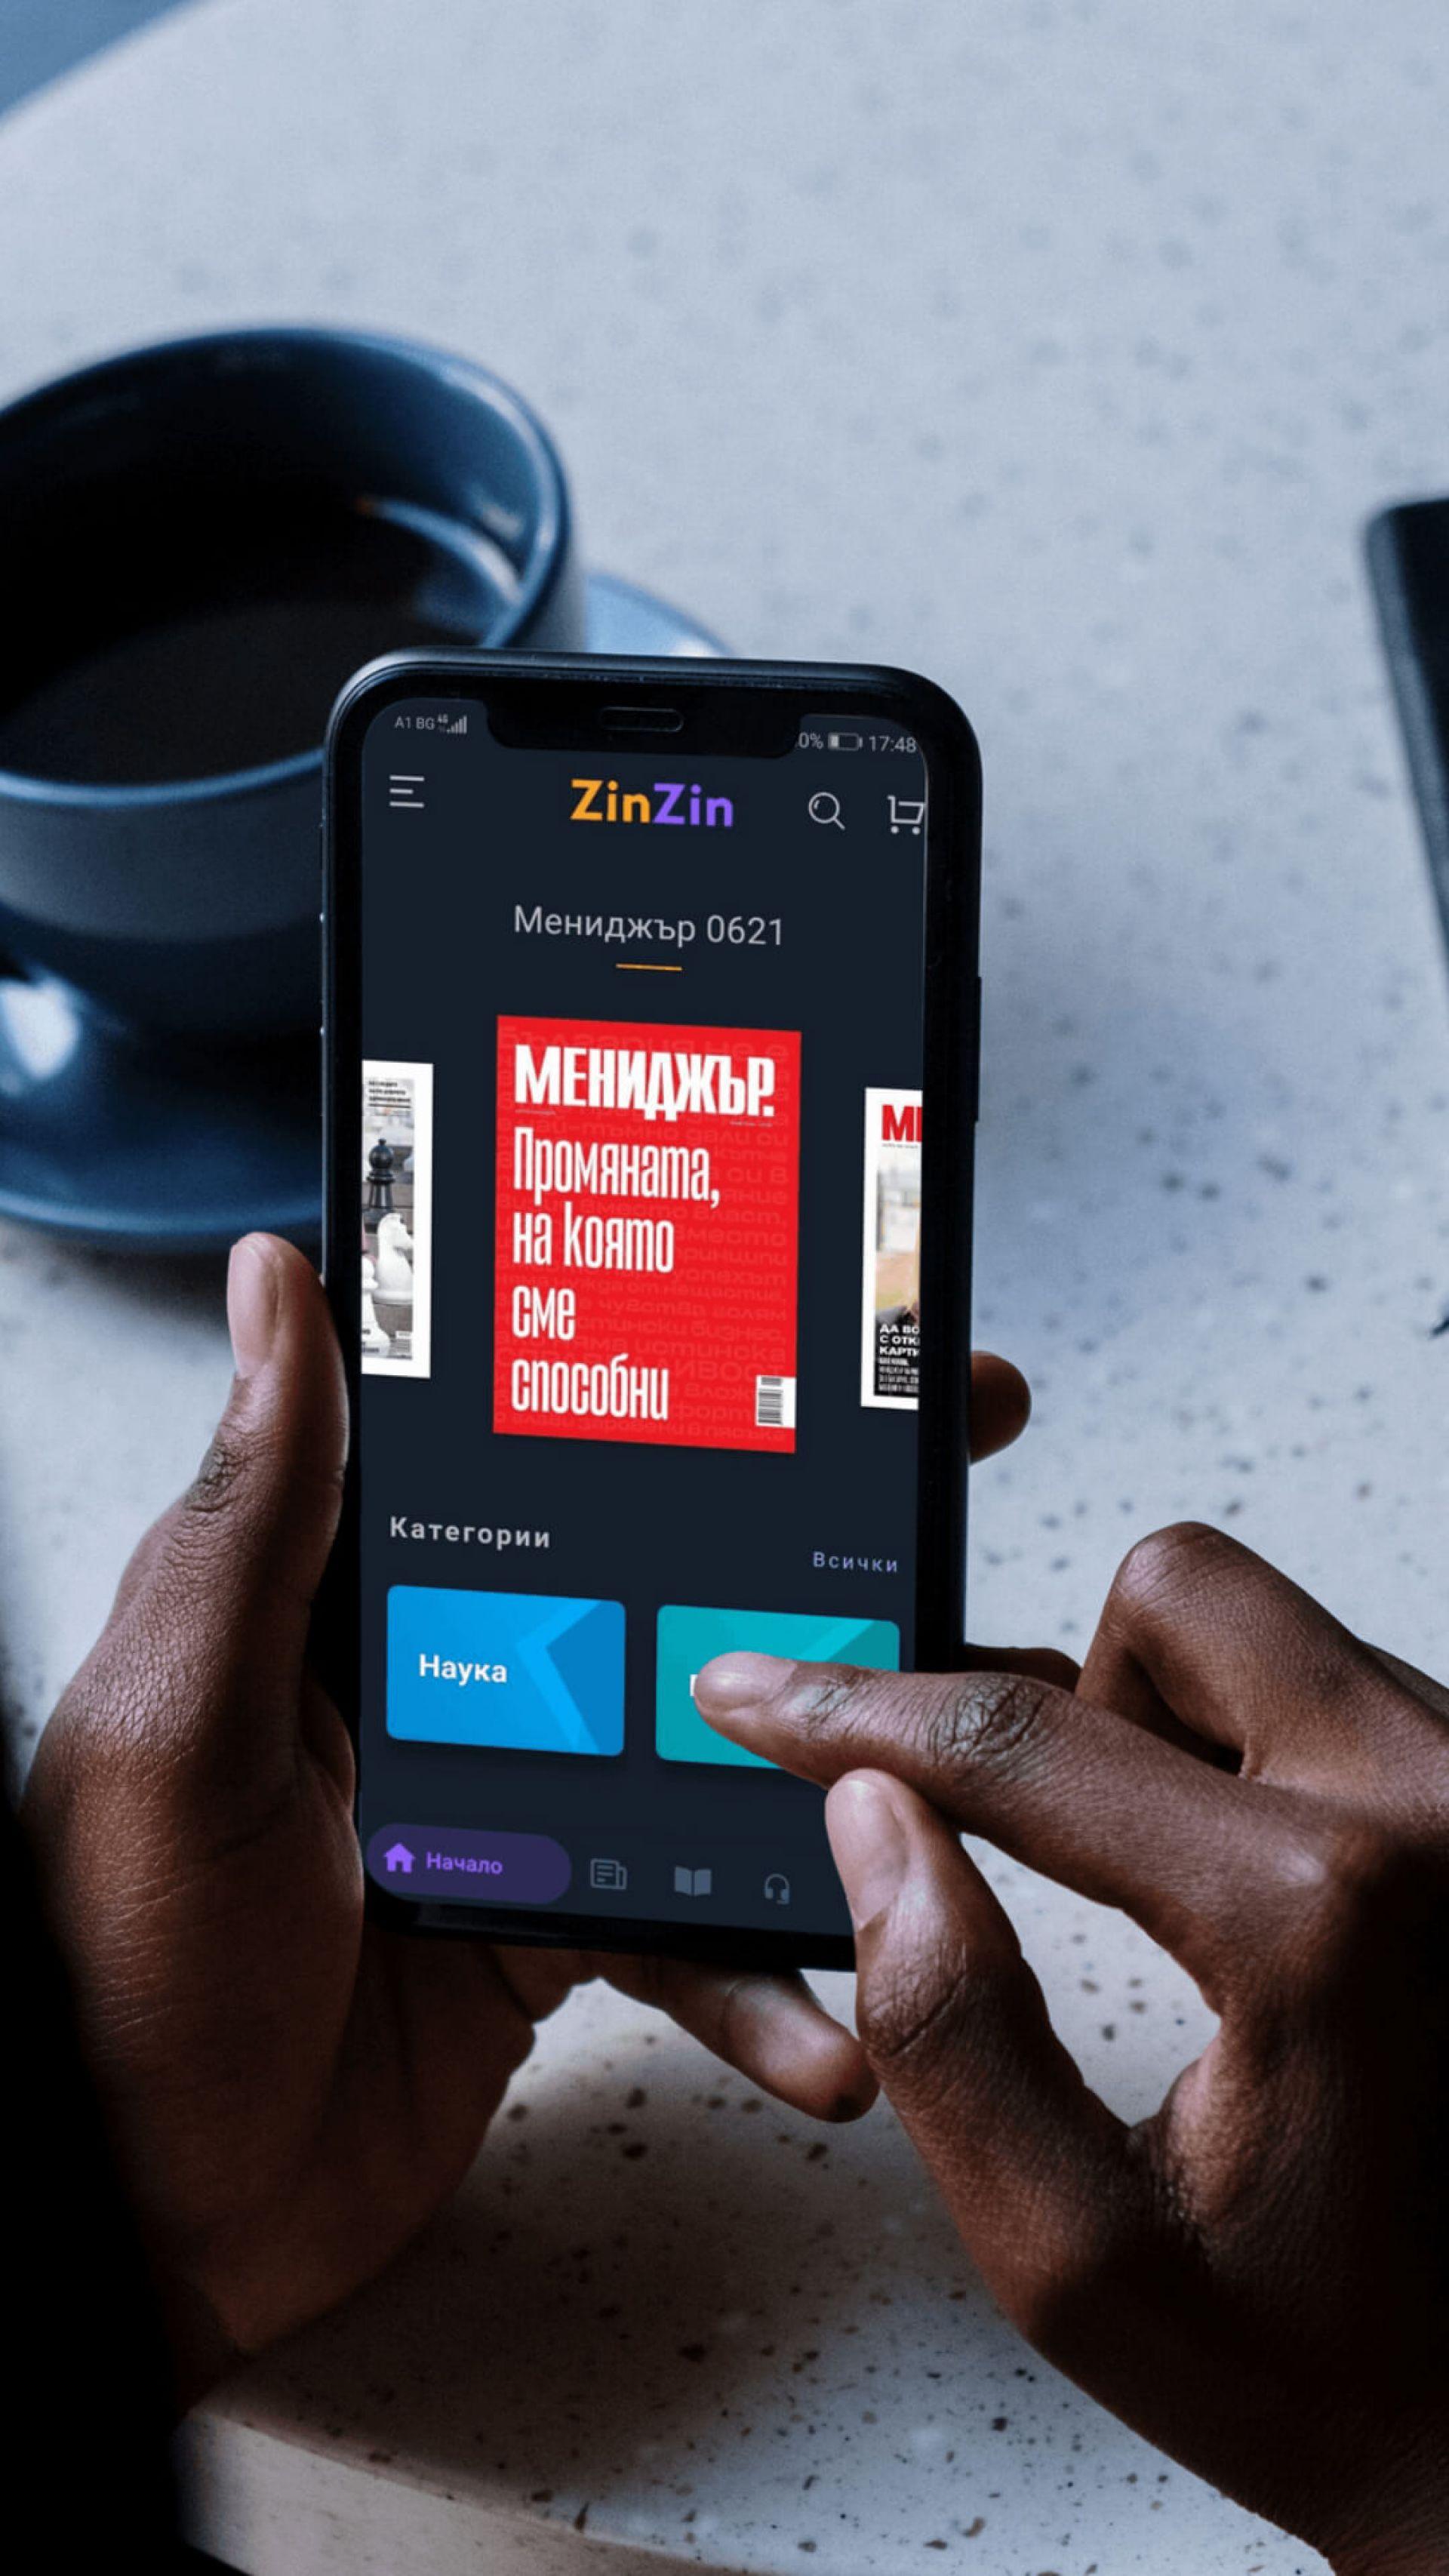 Българските списания в мобилно приложение